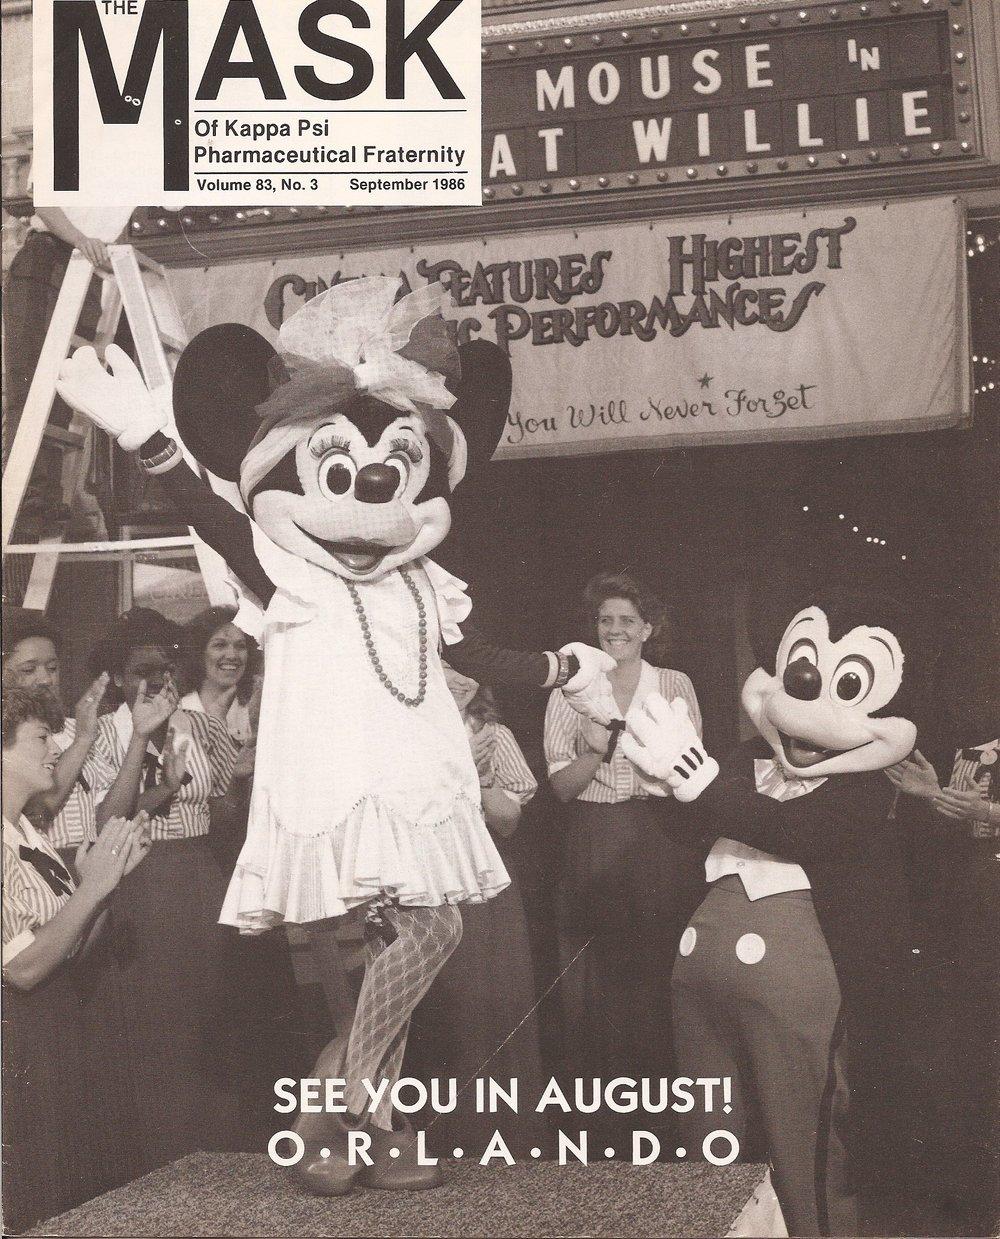 mask_cover_09_1986.jpg